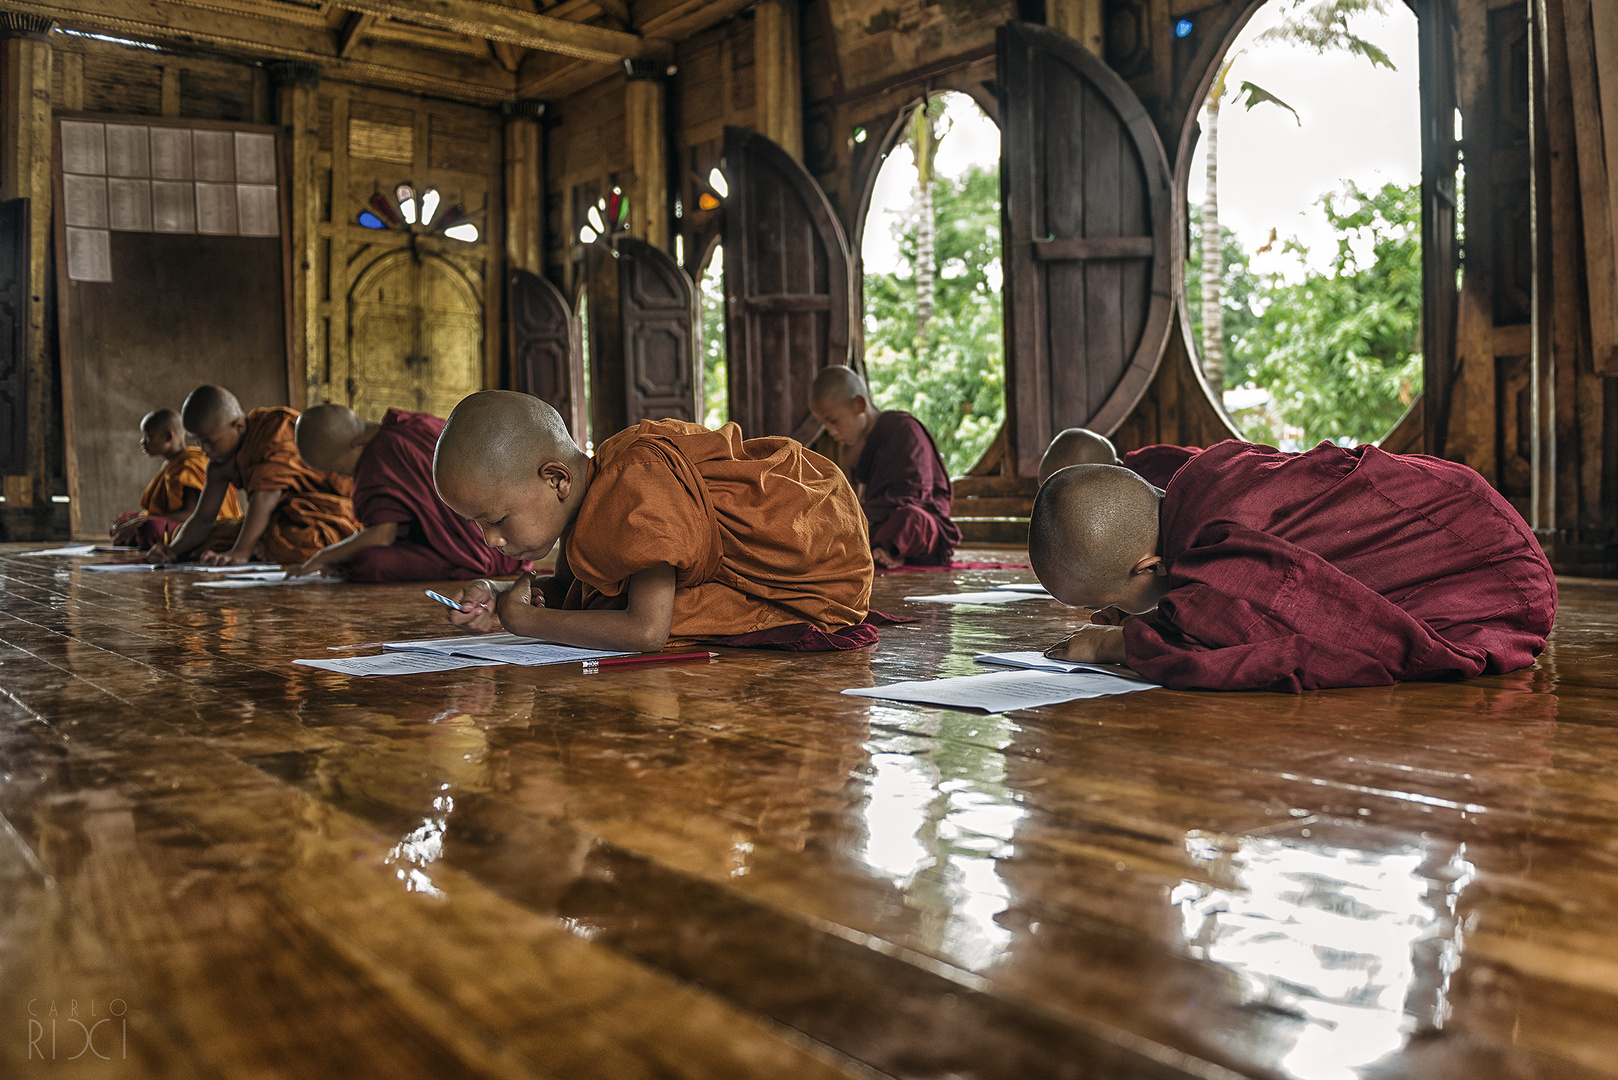 Burma's Buddhist children monks